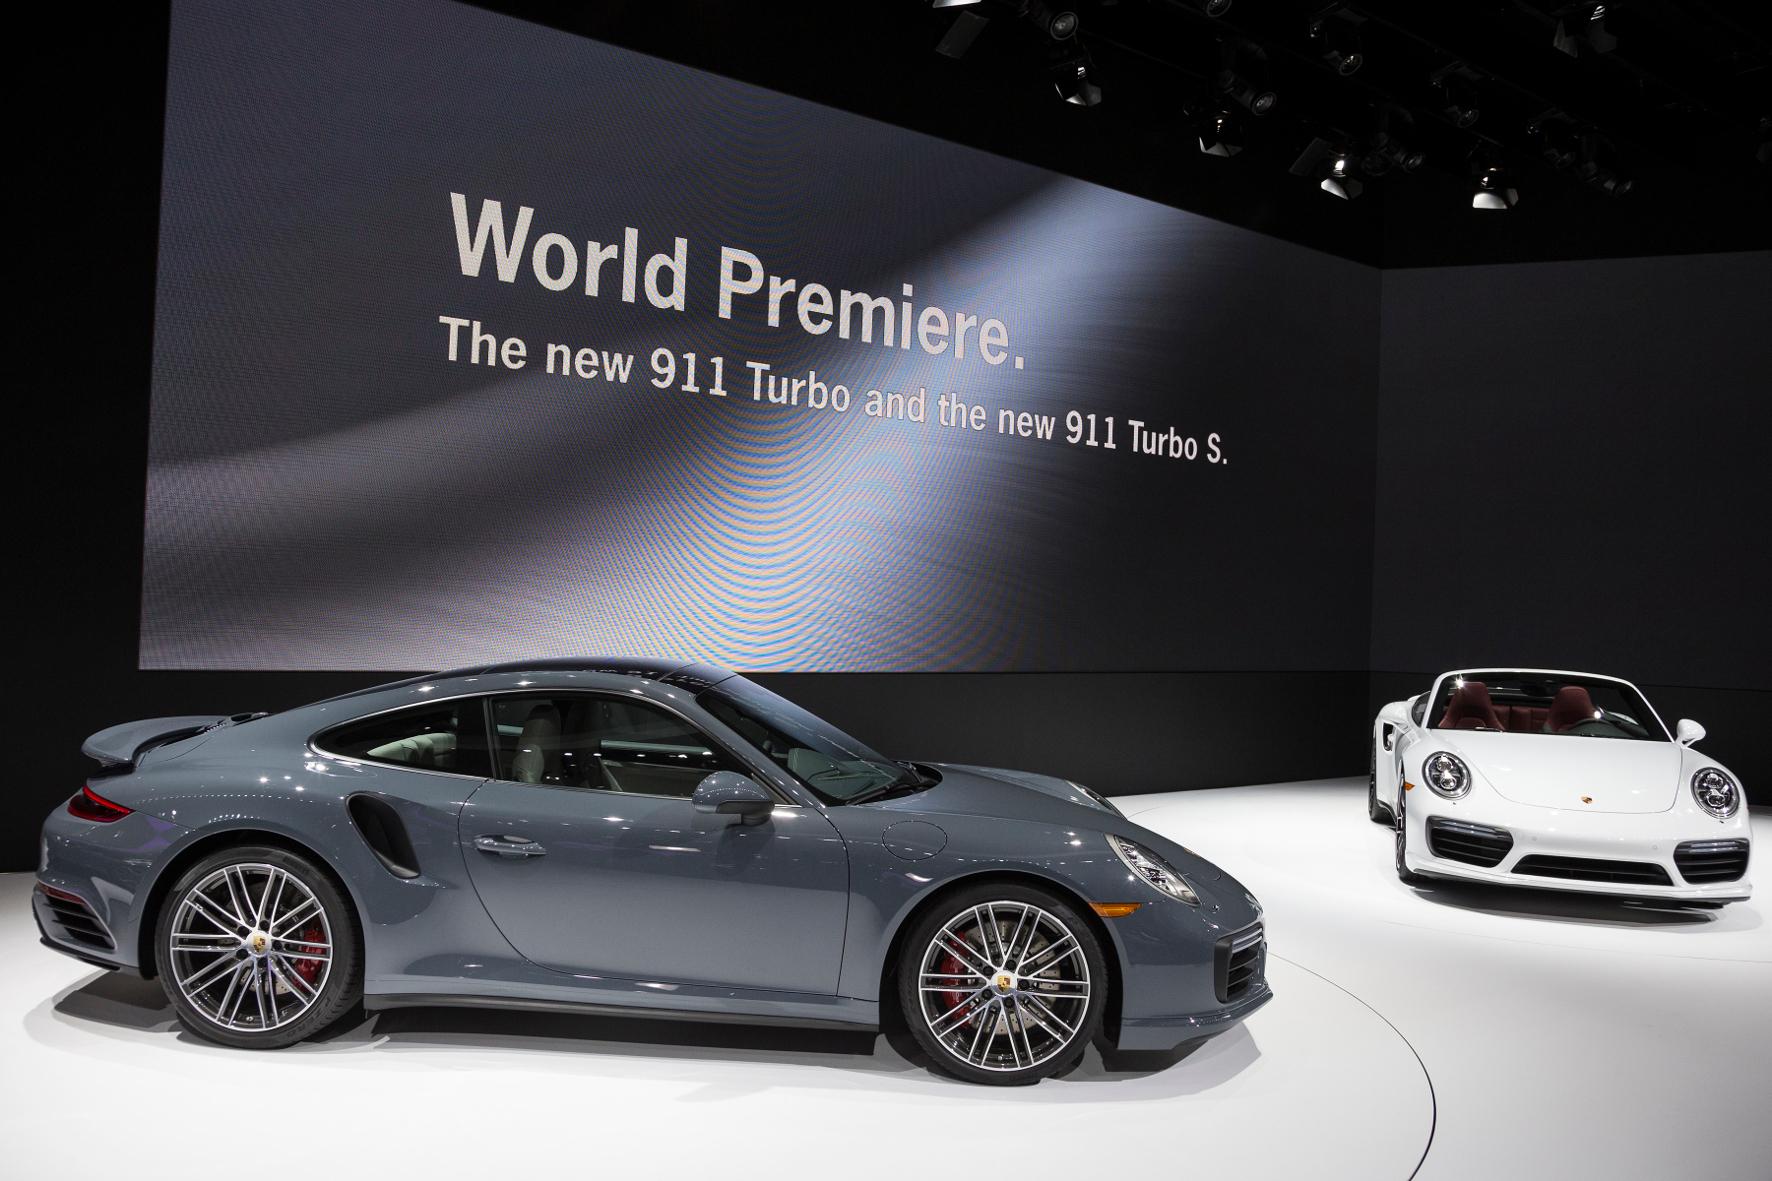 mid Groß-Gerau - Paukenschlag von Porsche: Der Sportwagenbauer aus Zuffenhausen hat seine Teilnahme an der Autoschau in Detroit für 2017 abgesagt.